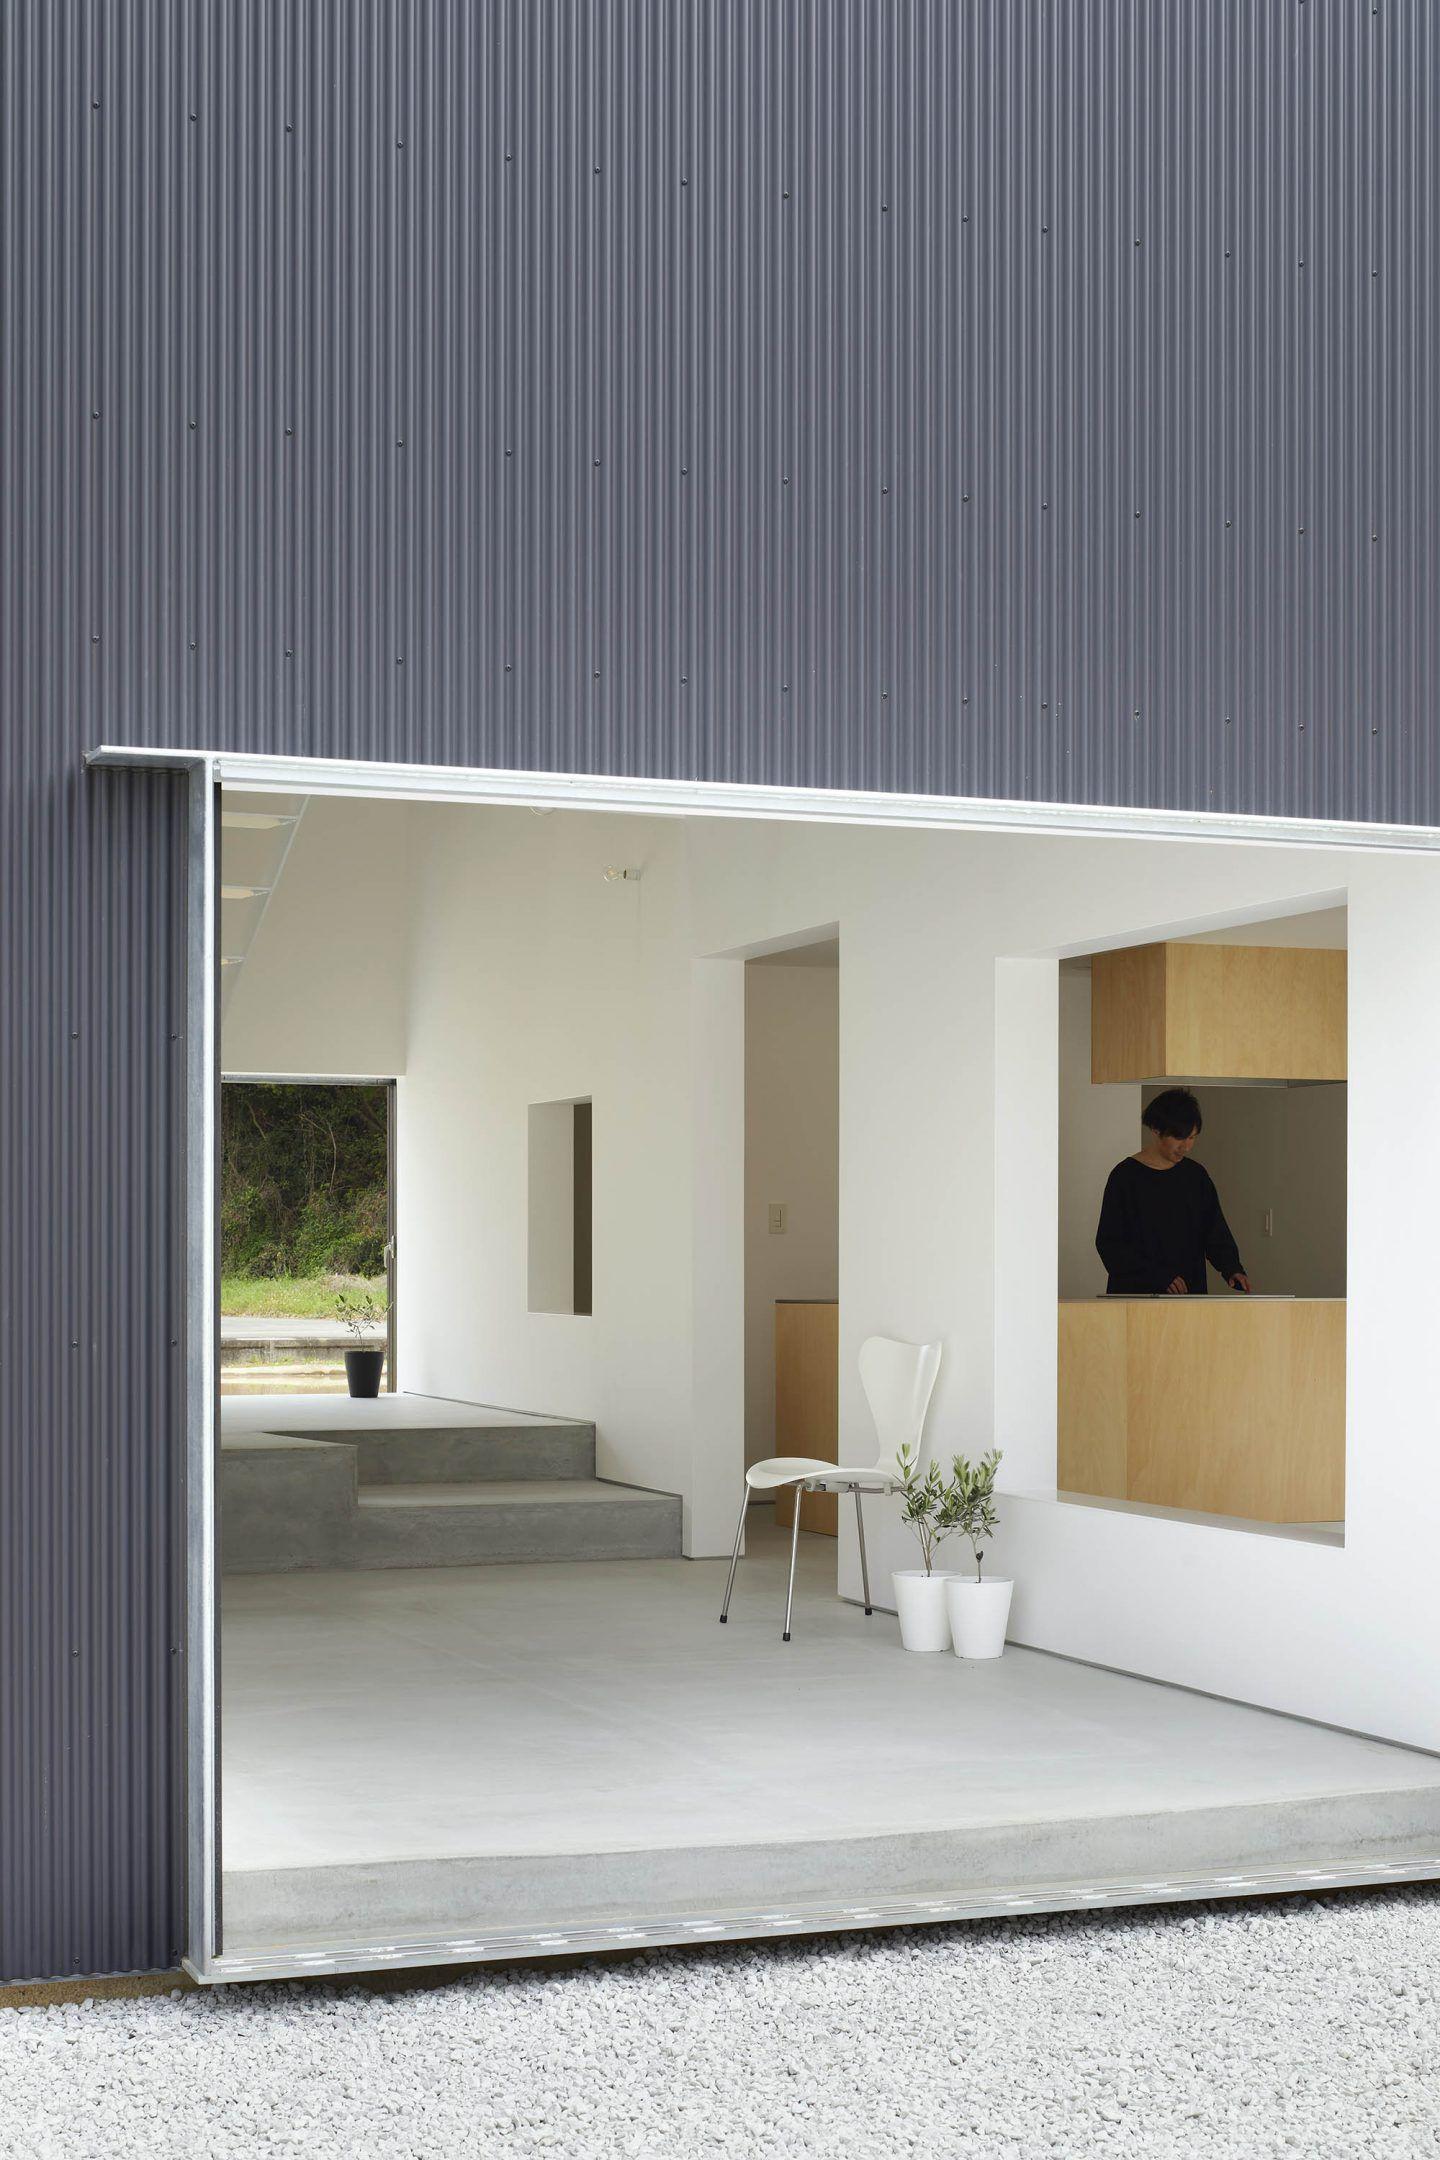 IGNANT-Architecture-Kento-Eto-Atelier-Kadokawas-House-8